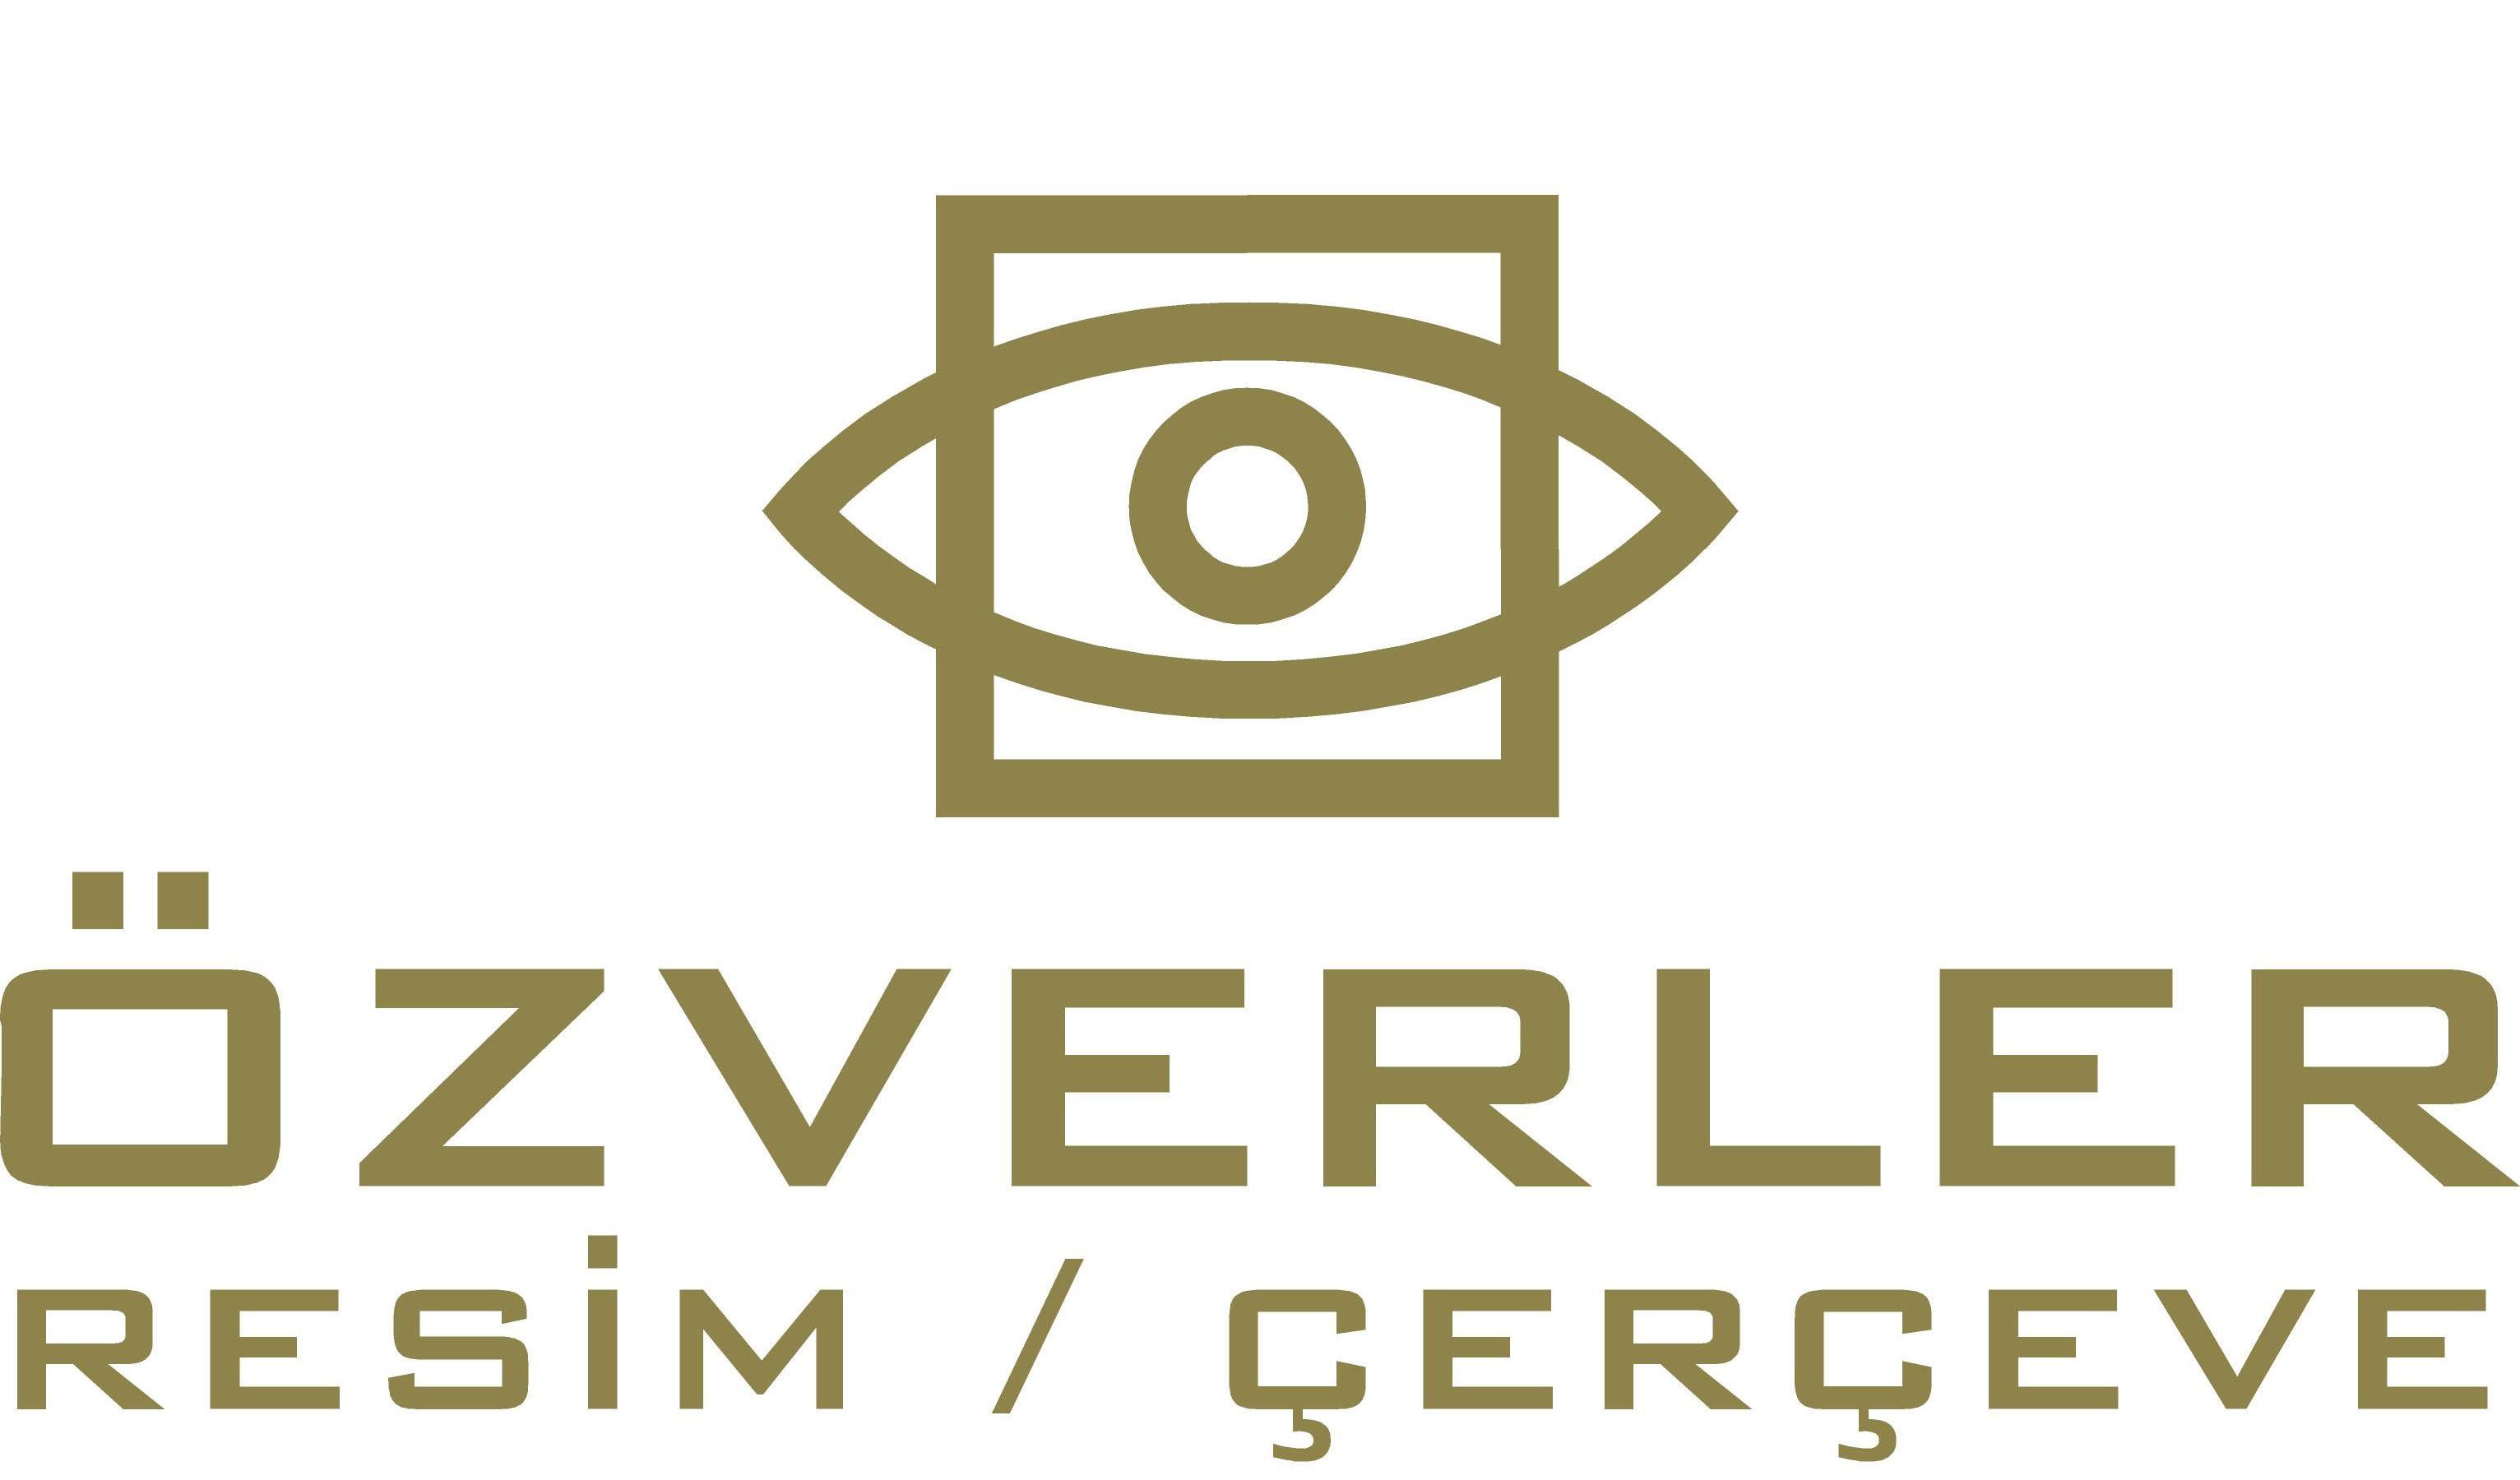 Özverler Resim Çerçeve San. ve Tic. Ltd. Şti.